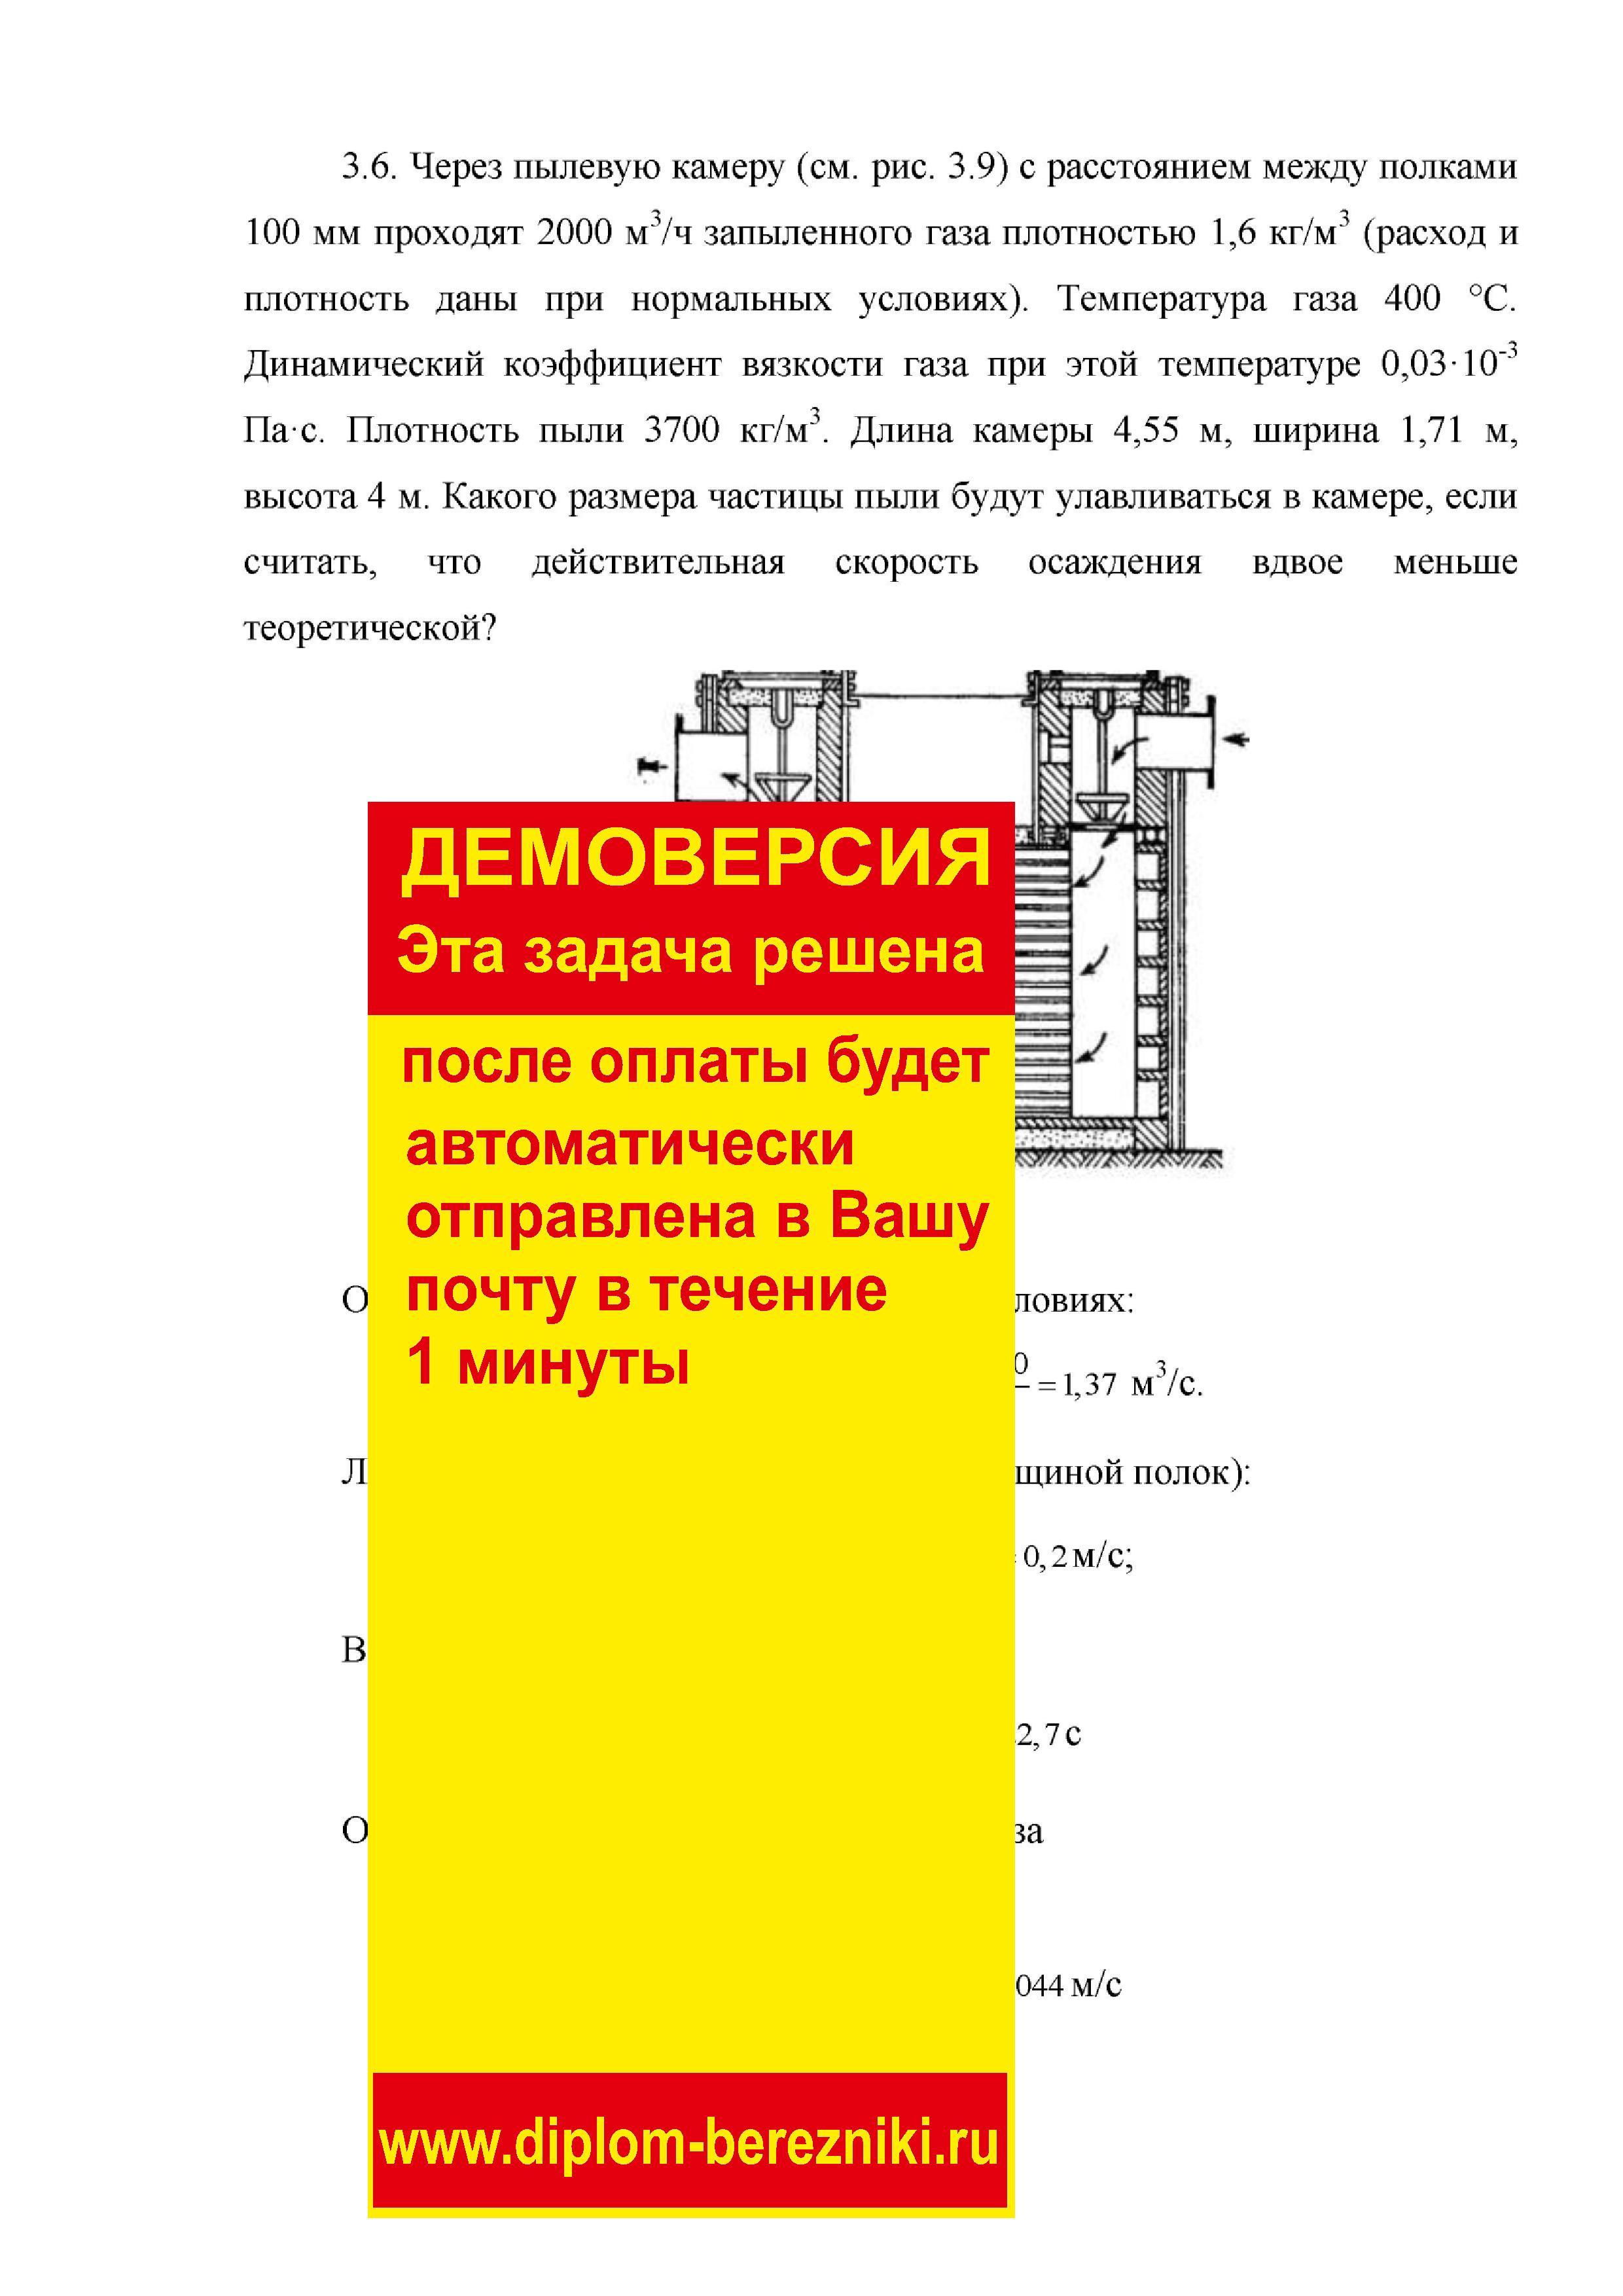 Решение задачи 3.6 по ПАХТ из задачника Павлова Романкова Носкова